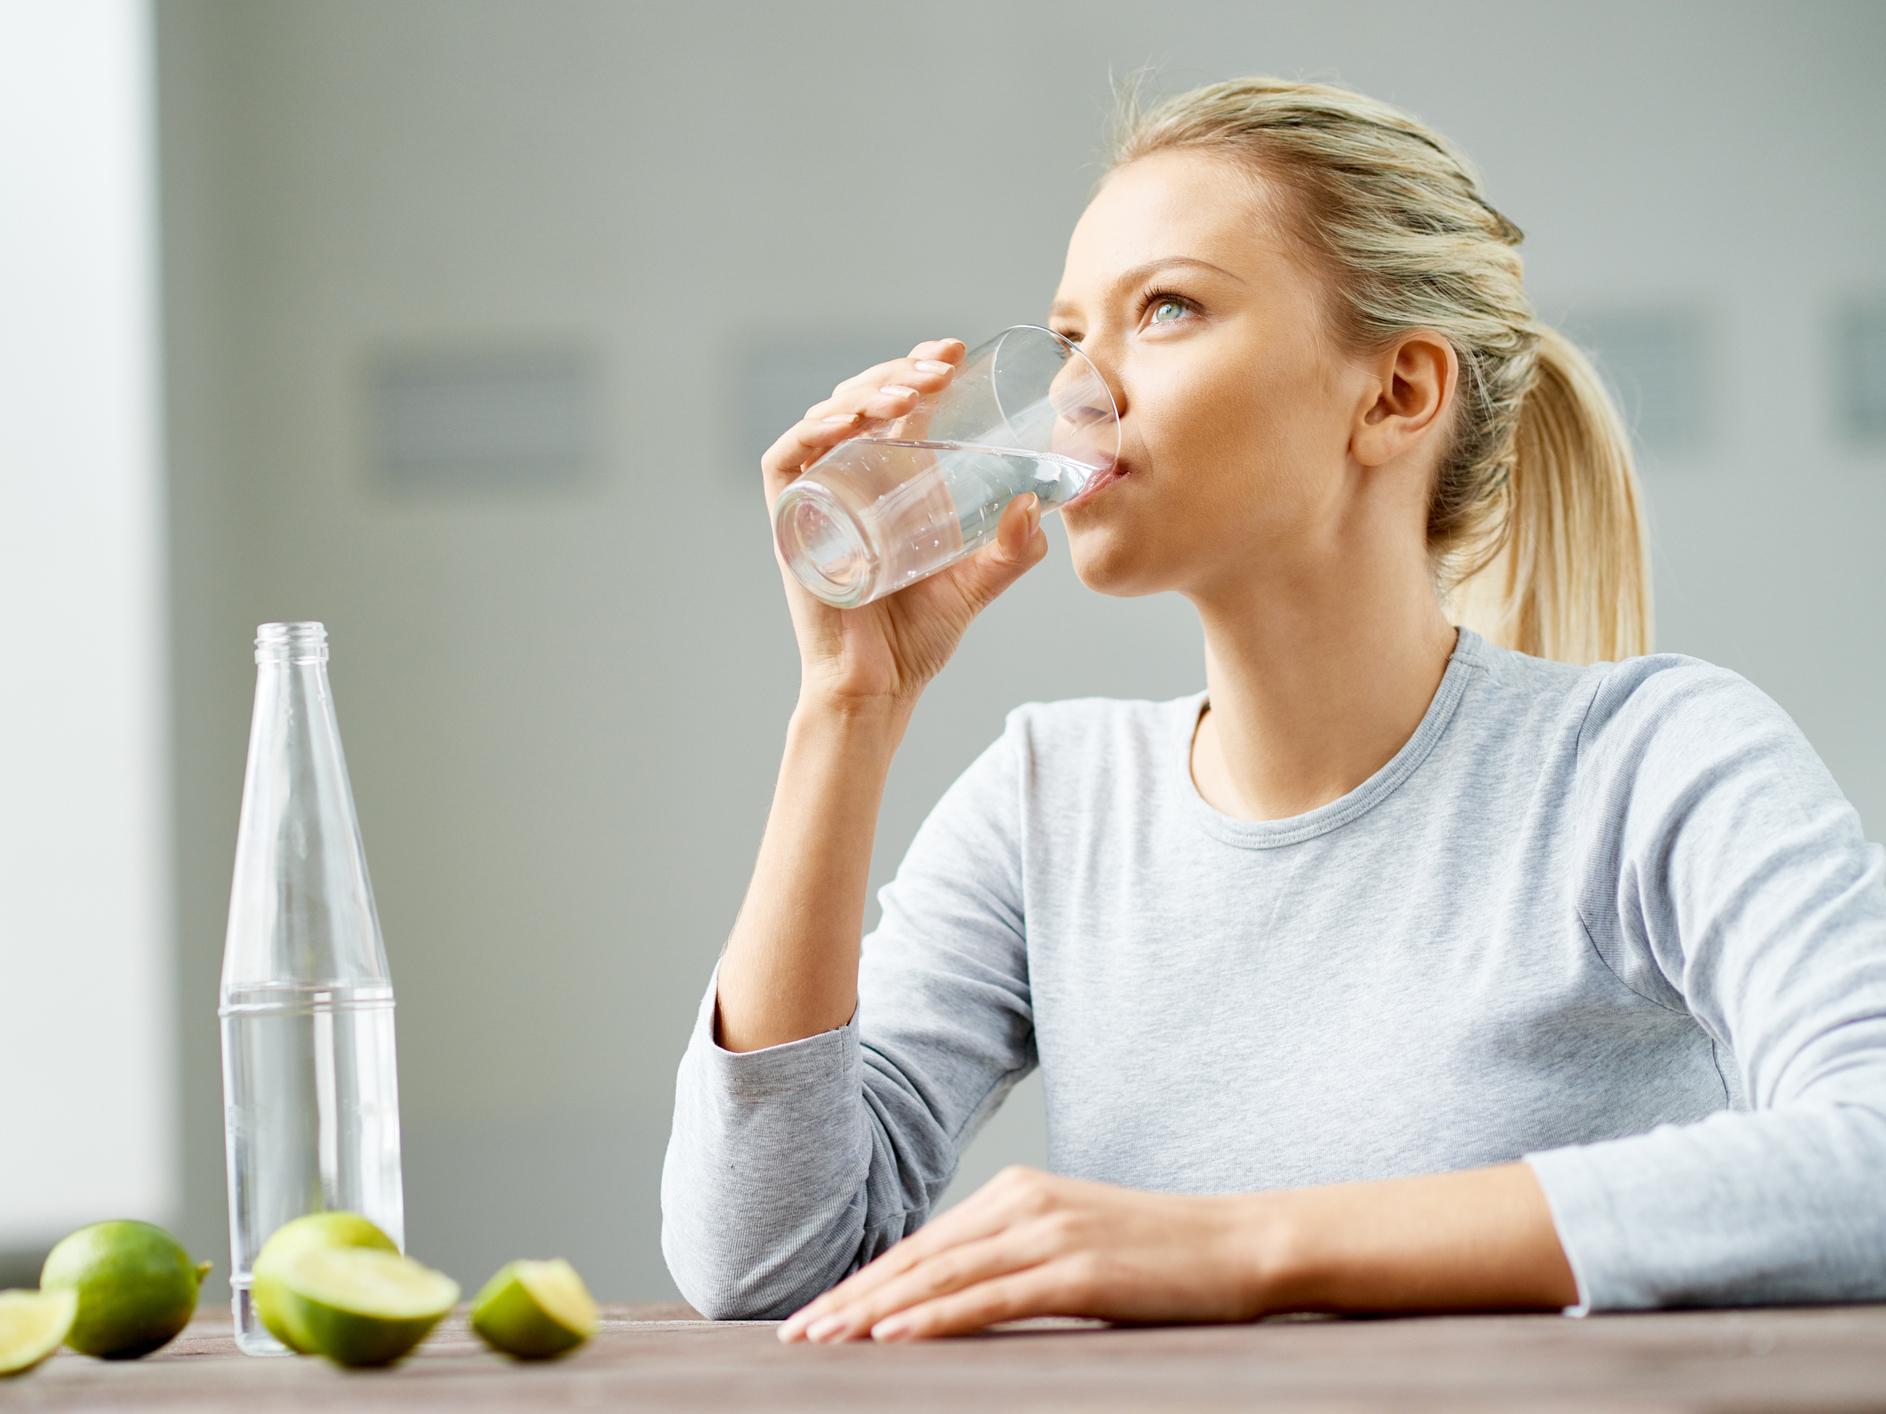 phương pháp giảm mỡ bụng với nước